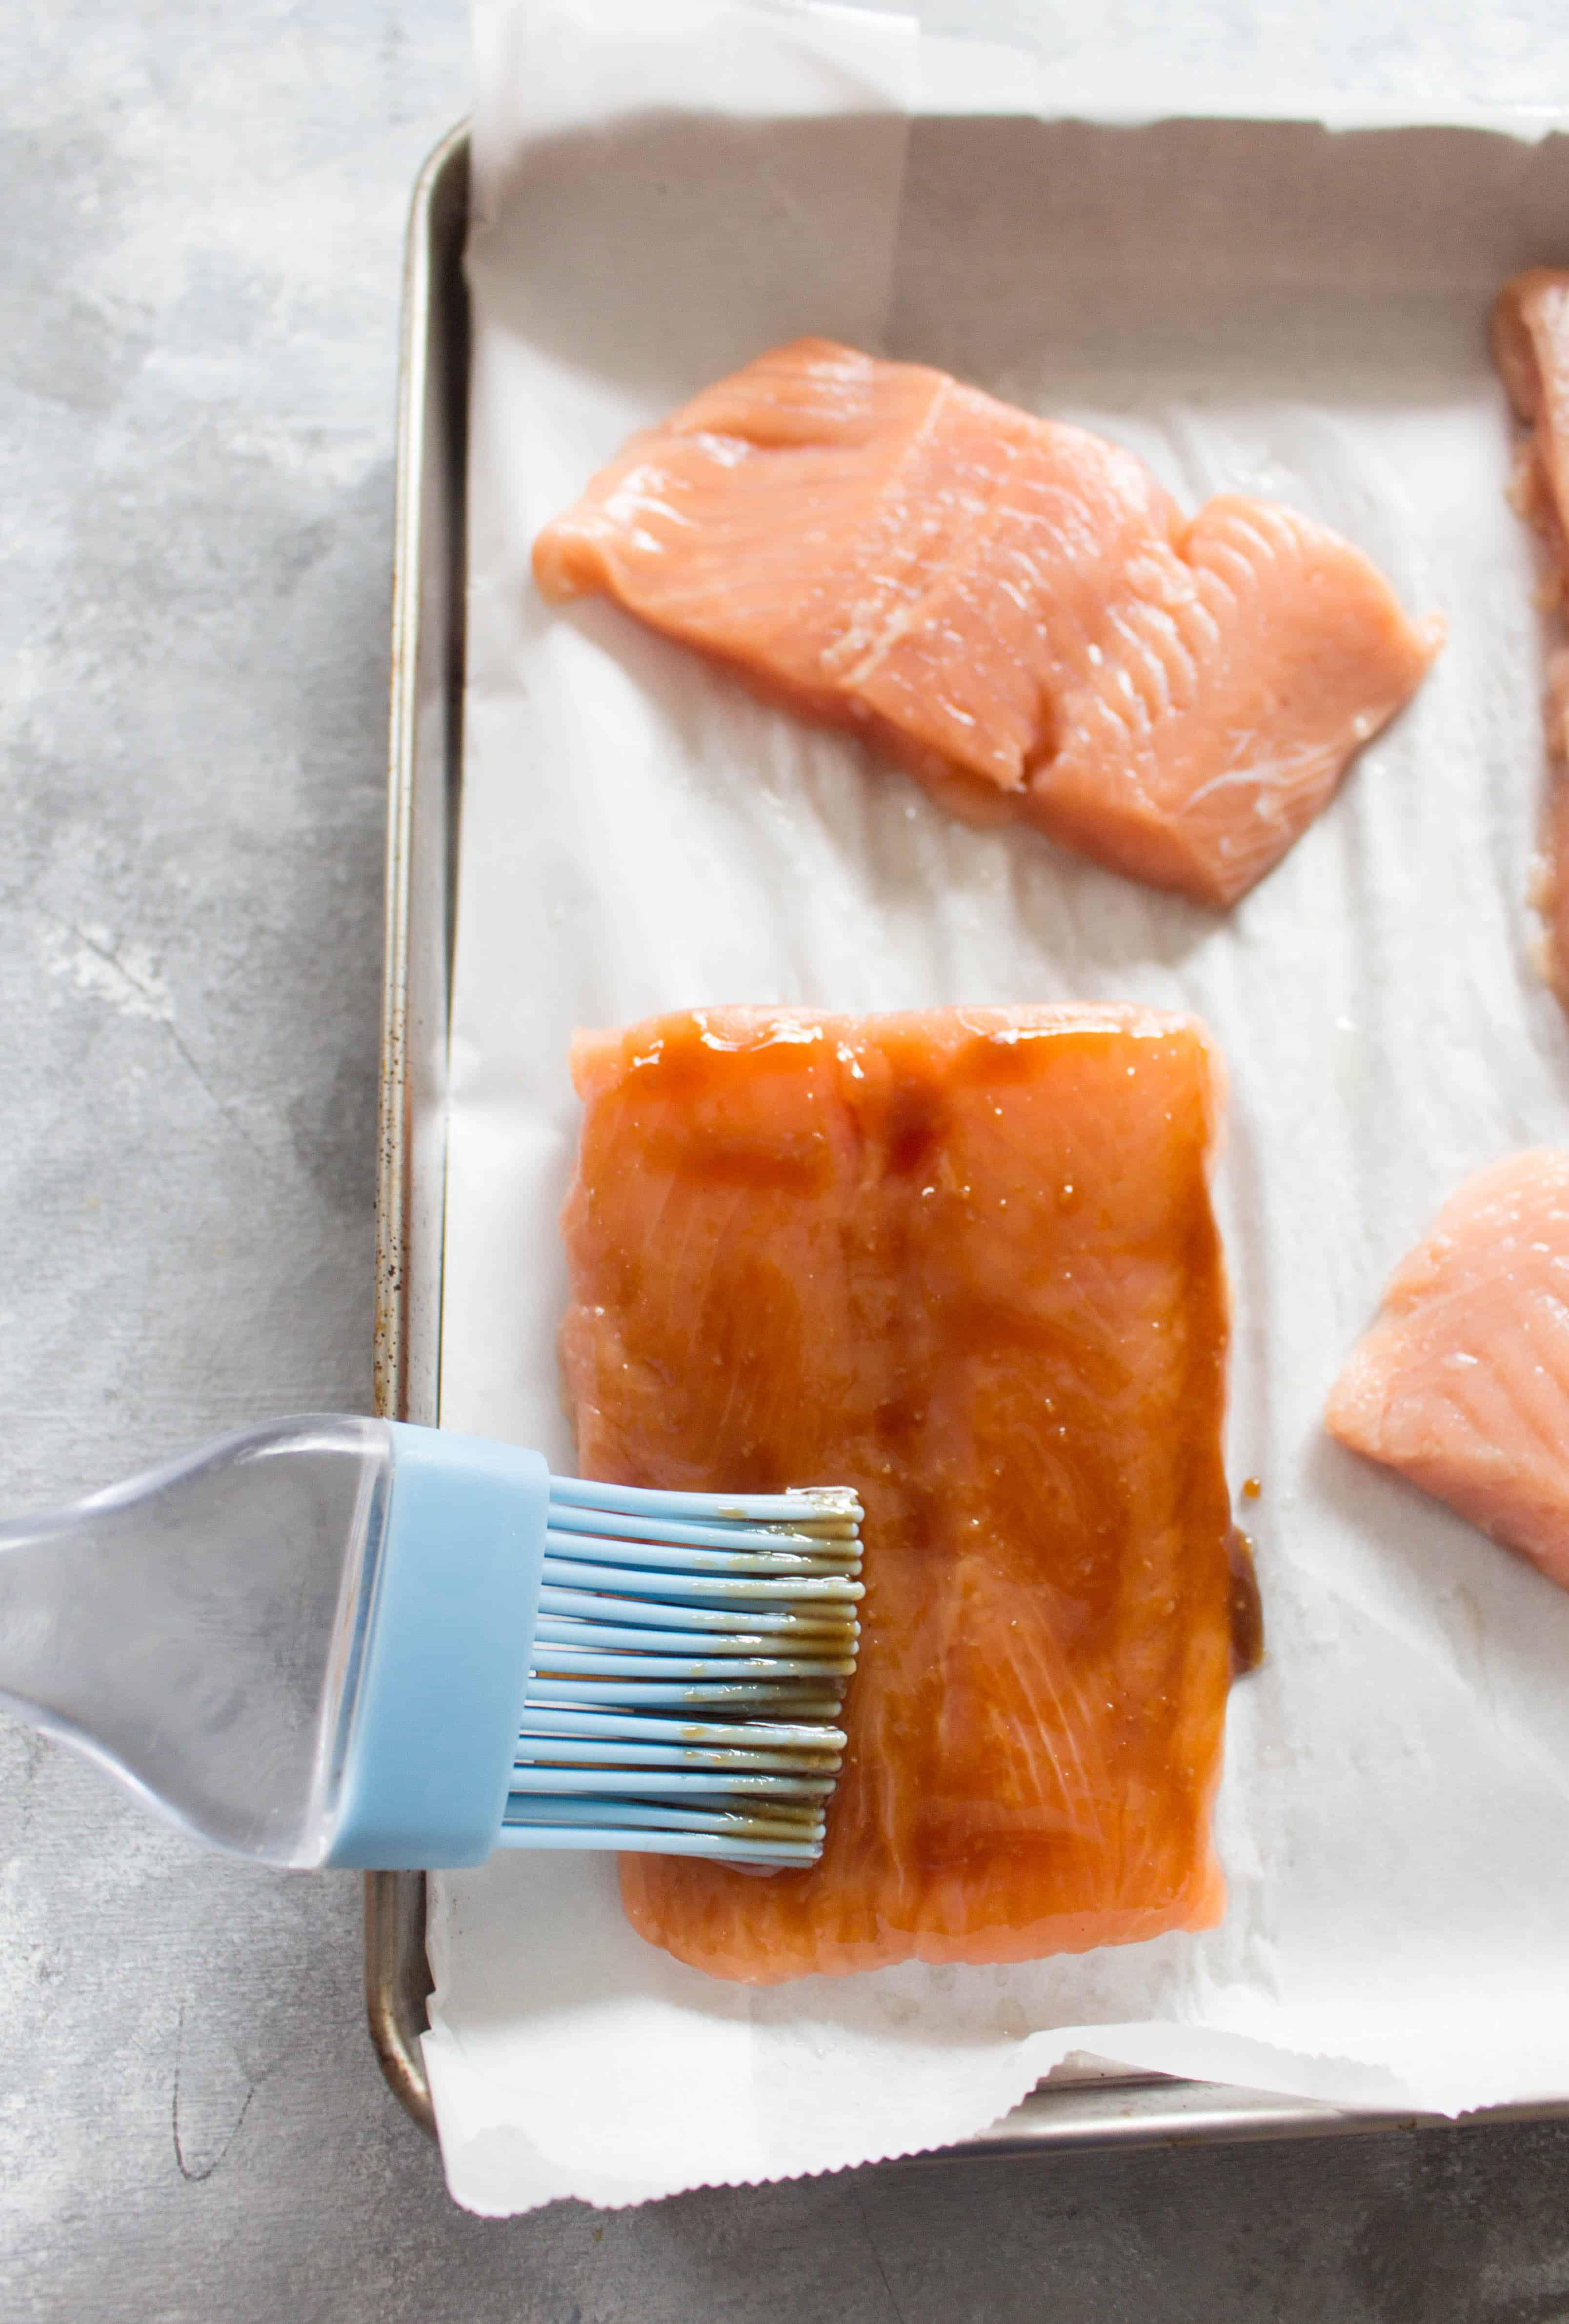 Easy Hoisin Glazed Salmon Meal Prep